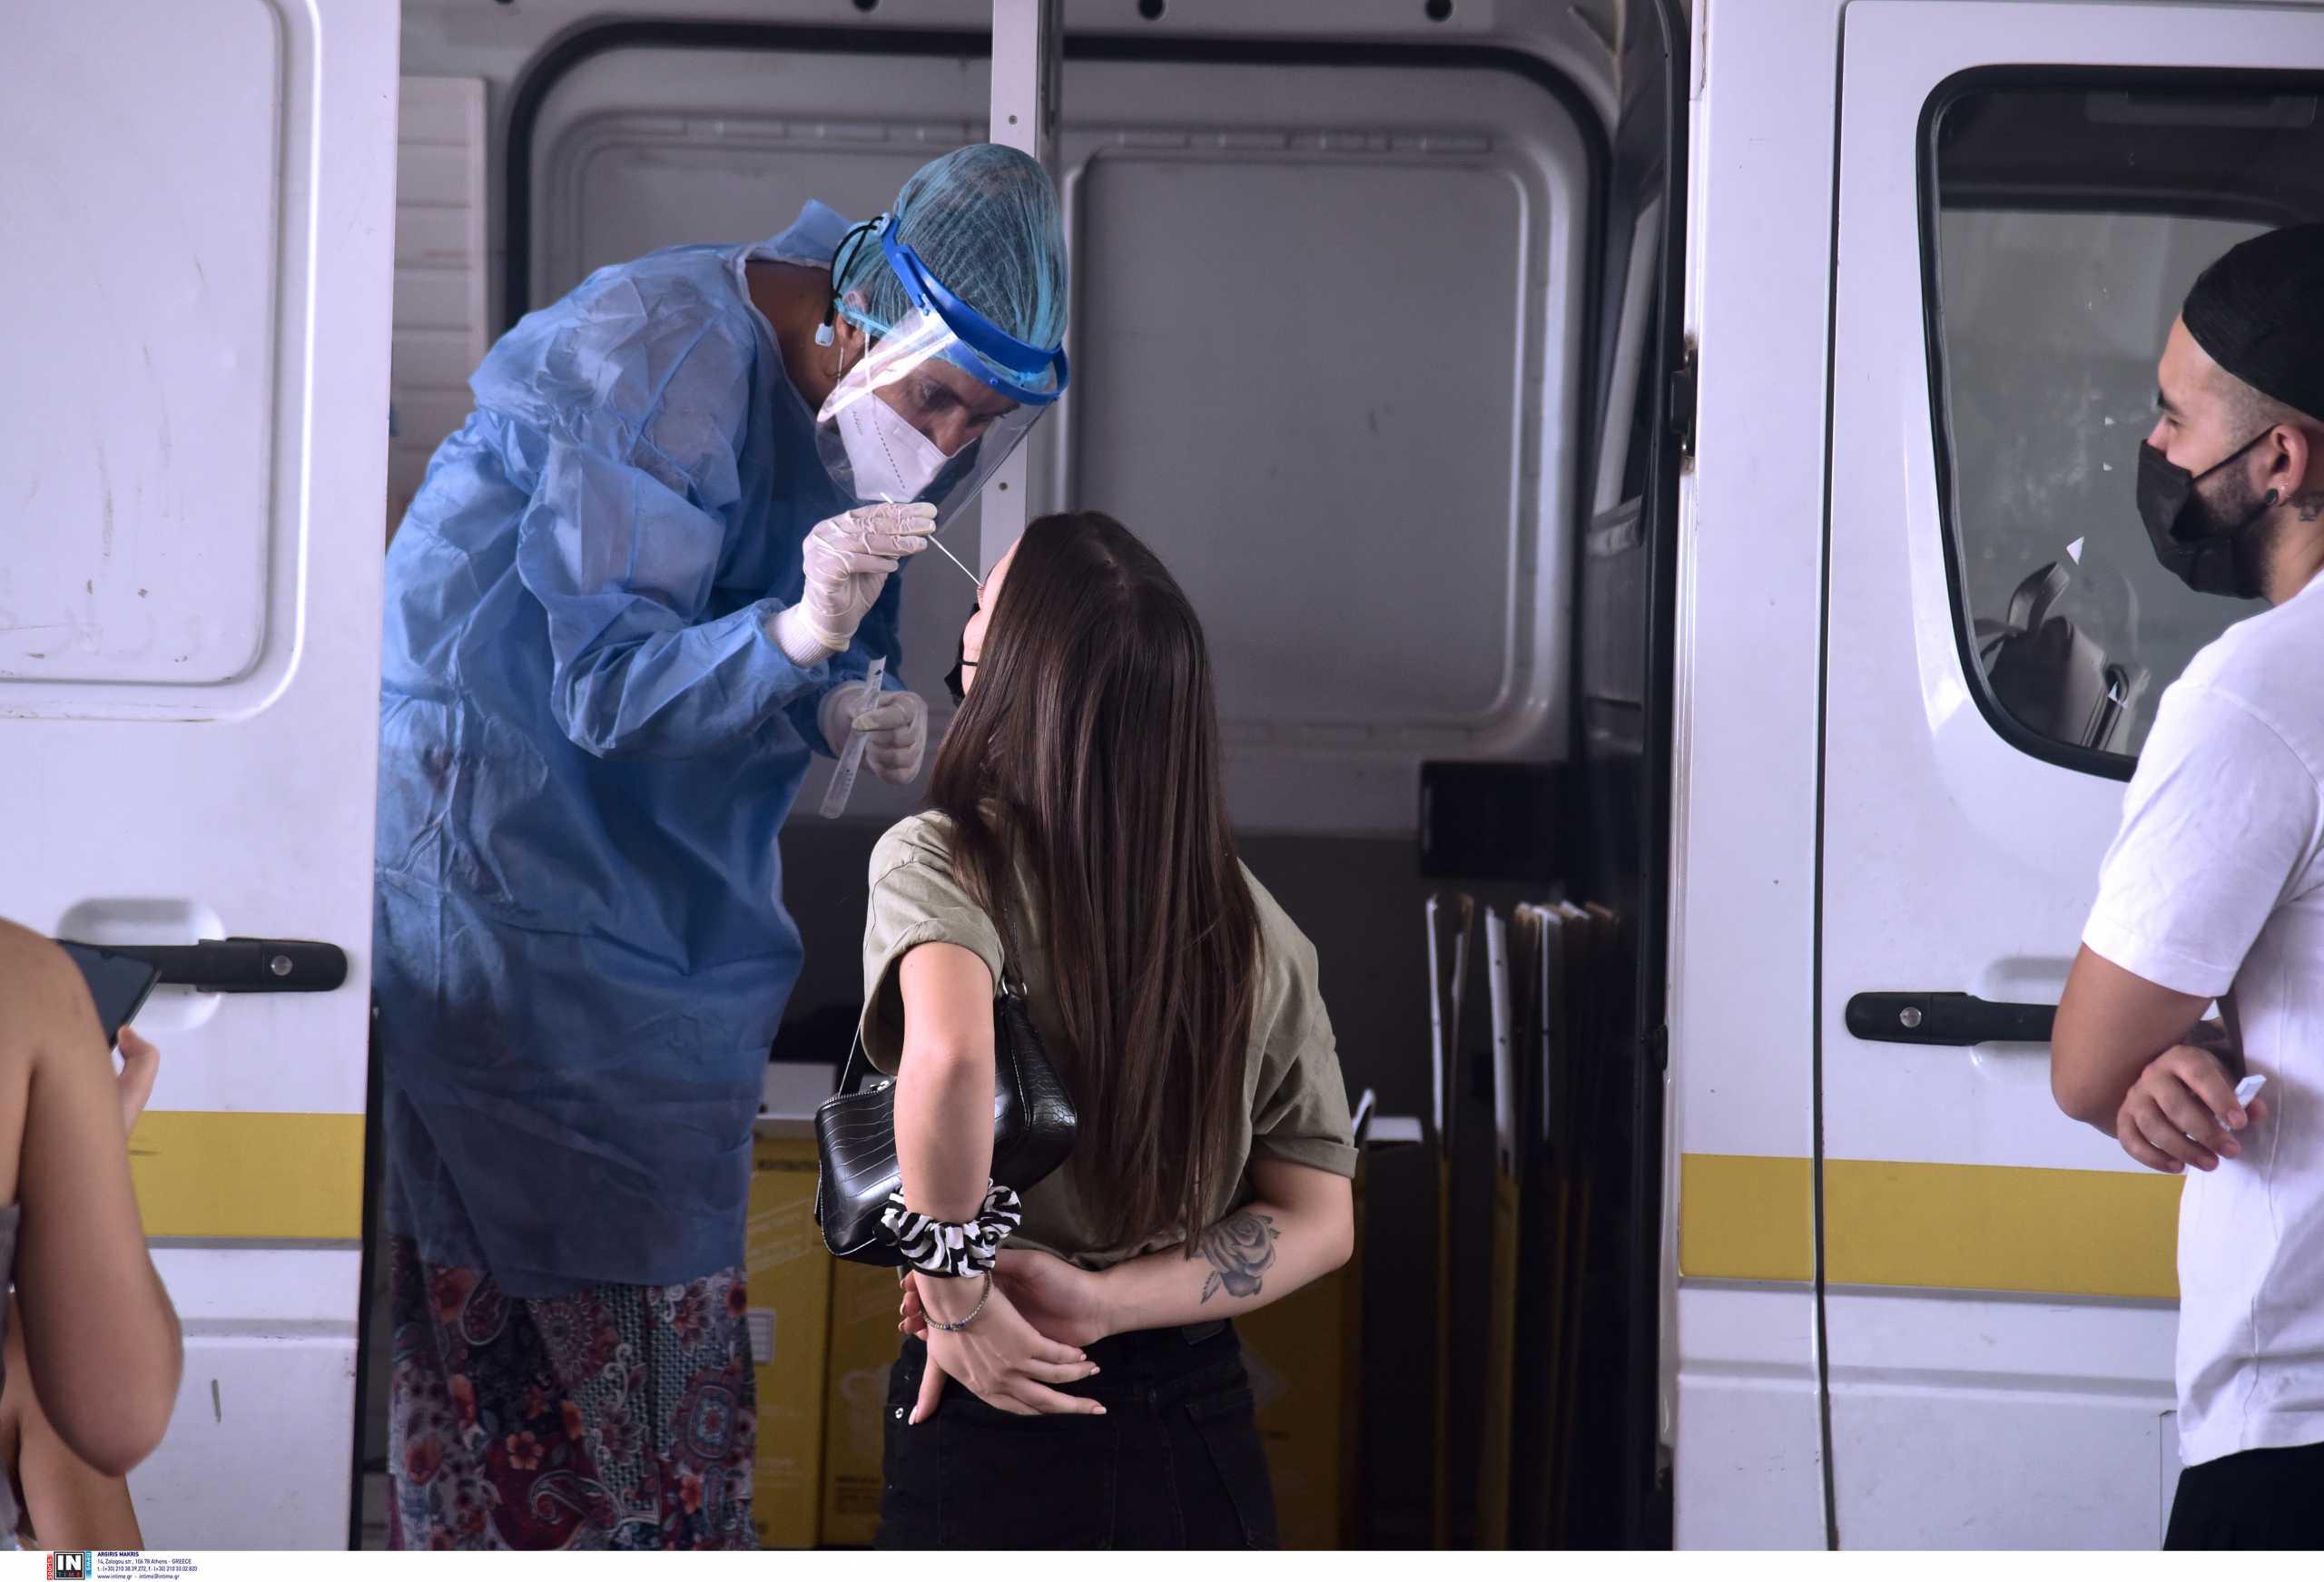 Θάνος Πλεύρης: Εμβολιασμένοι συνοδοί ασθενών δεν οφείλουν να προσκομίζουν αρνητικό rapid test